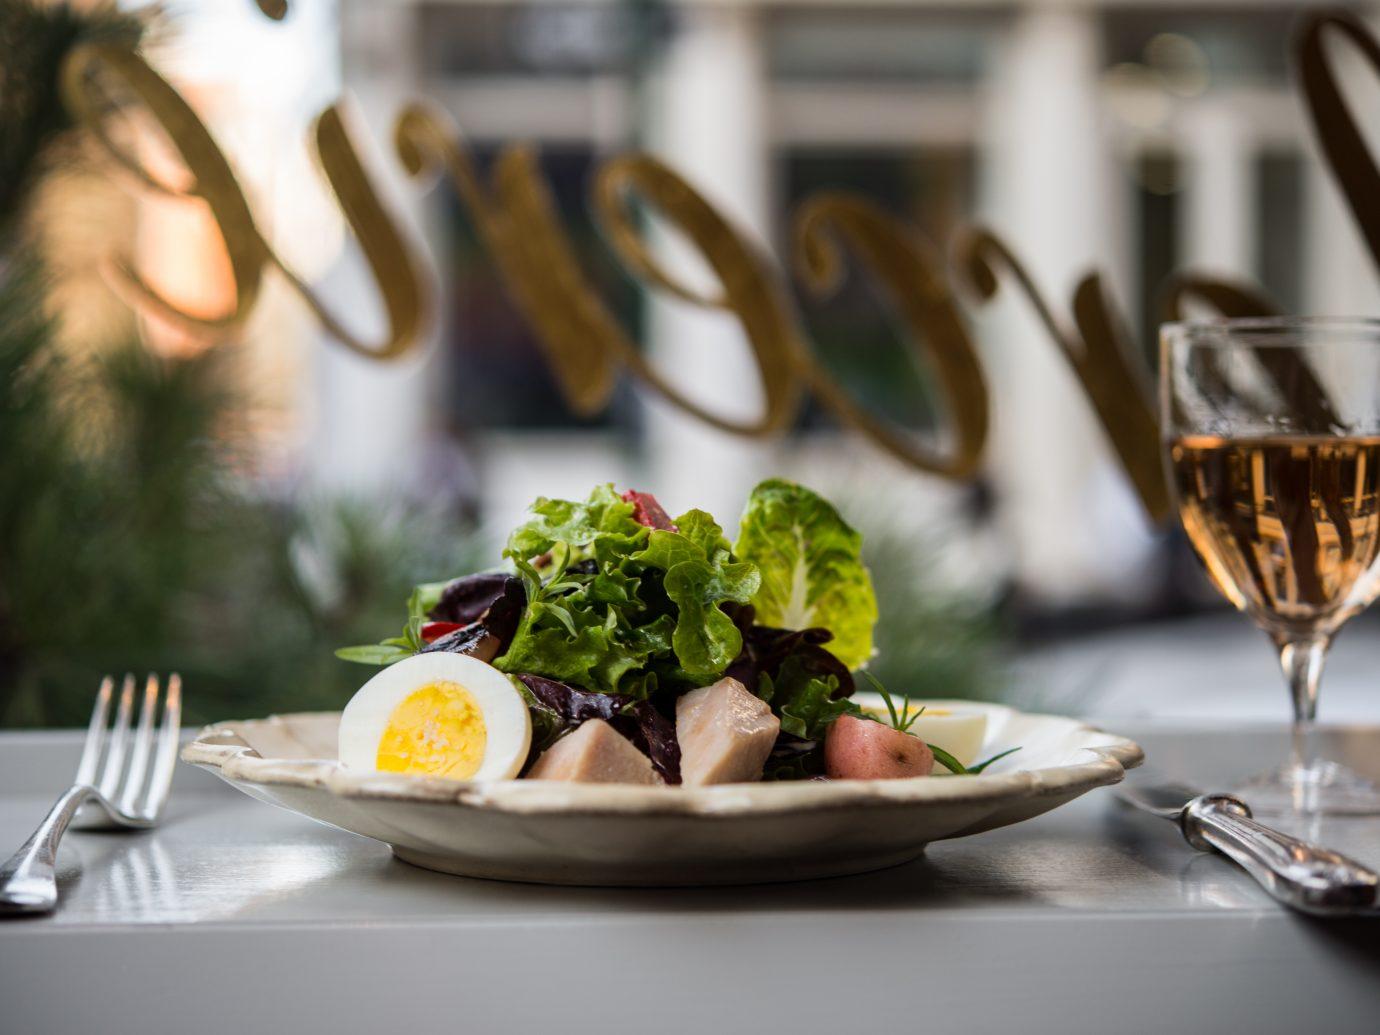 Salad Niçoise at La Mercerie